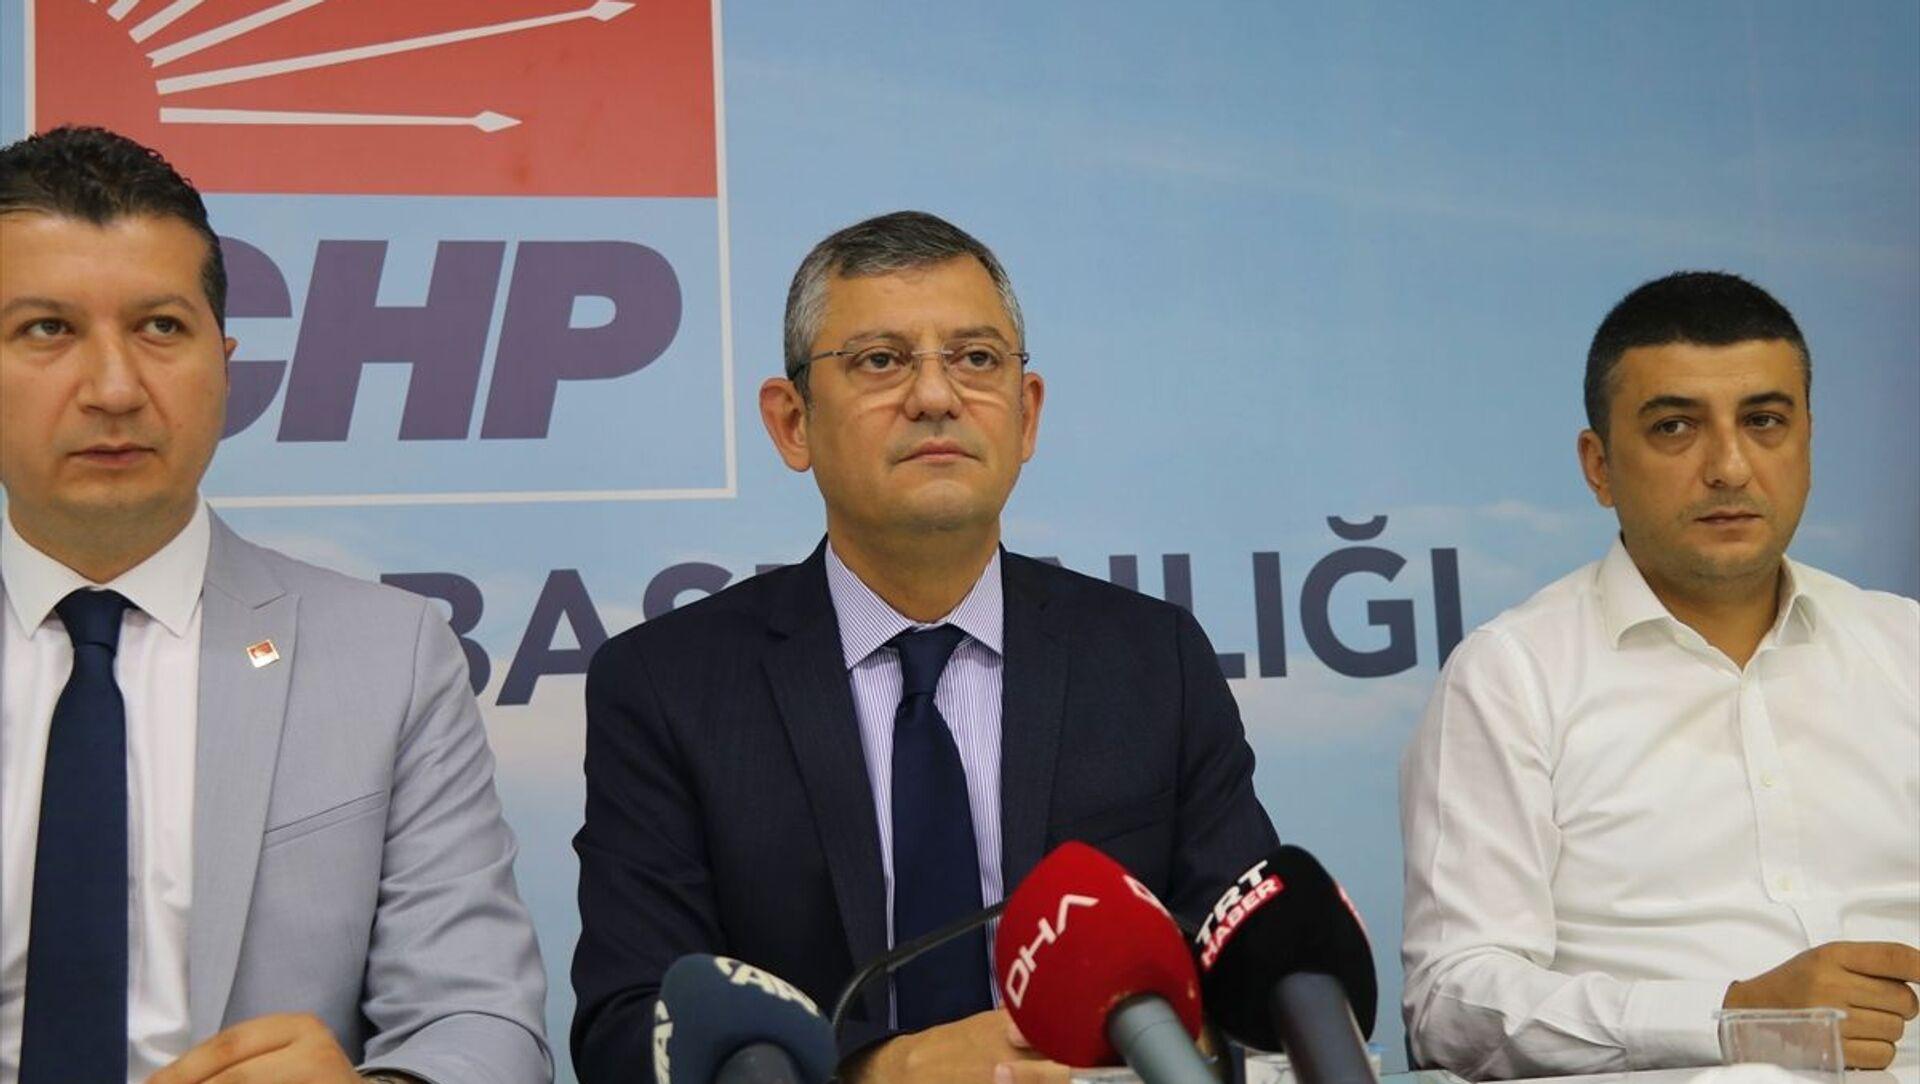 Özgür Özel - Sputnik Türkiye, 1920, 09.07.2021